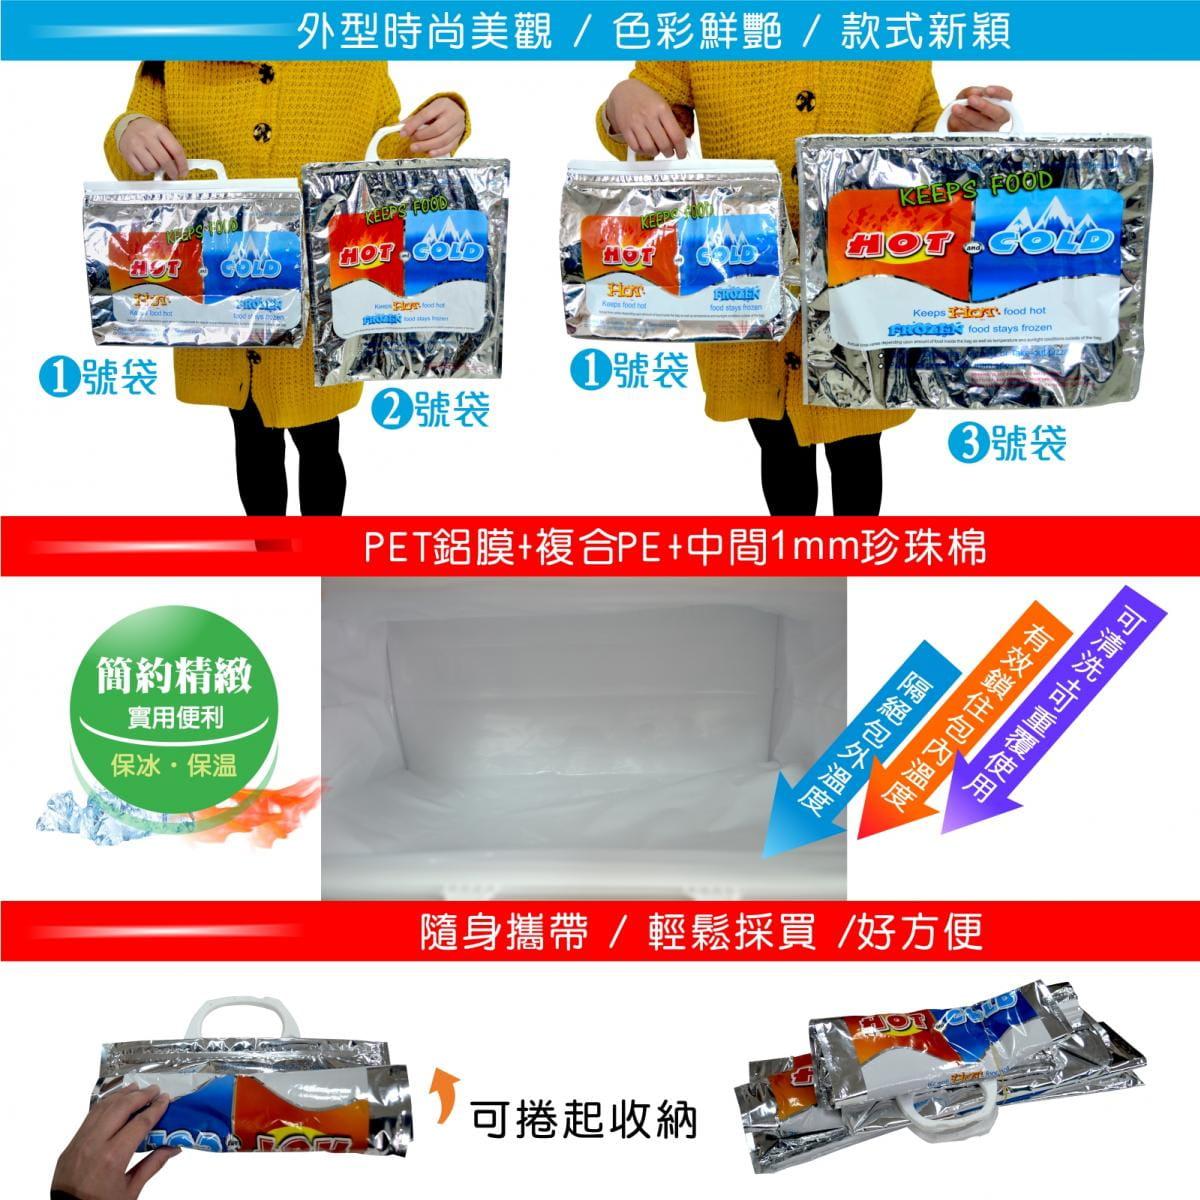 防滲漏保冰溫袋/每組3個 6